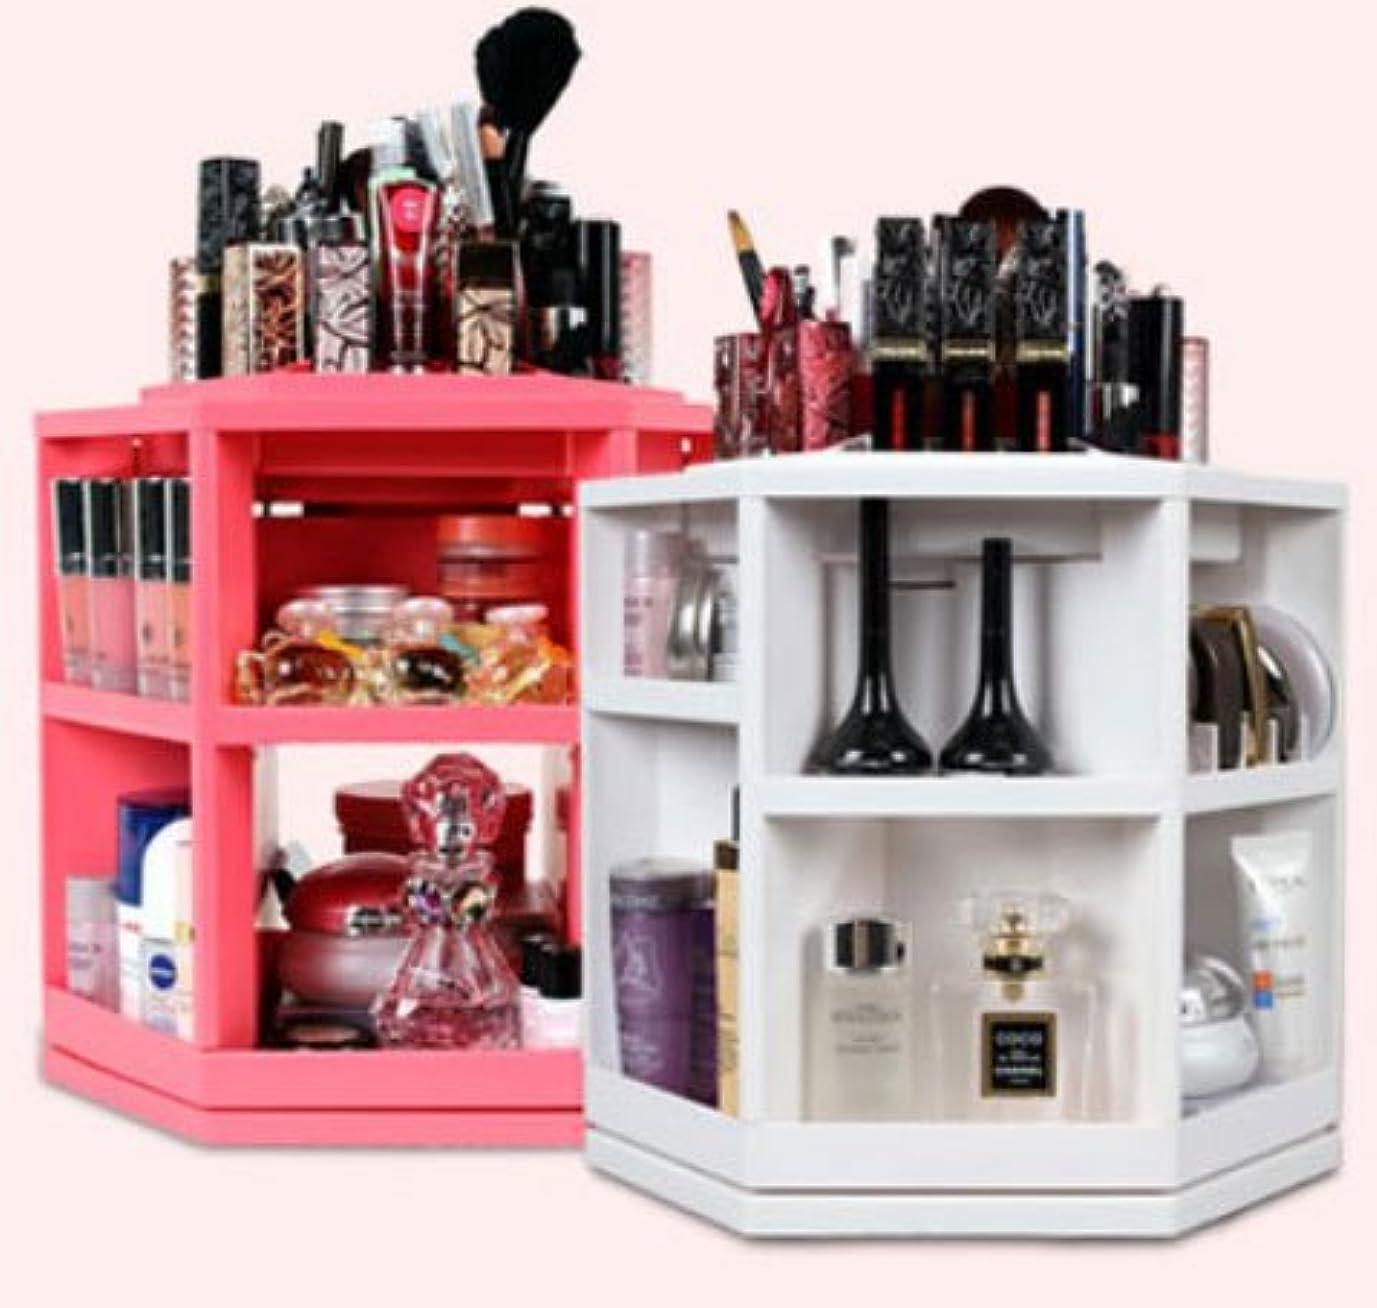 虚栄心民主主義戦いコスメ ボックス,化粧品 収納、楽、簡単、回転する化粧品収納整理台、ピンク色